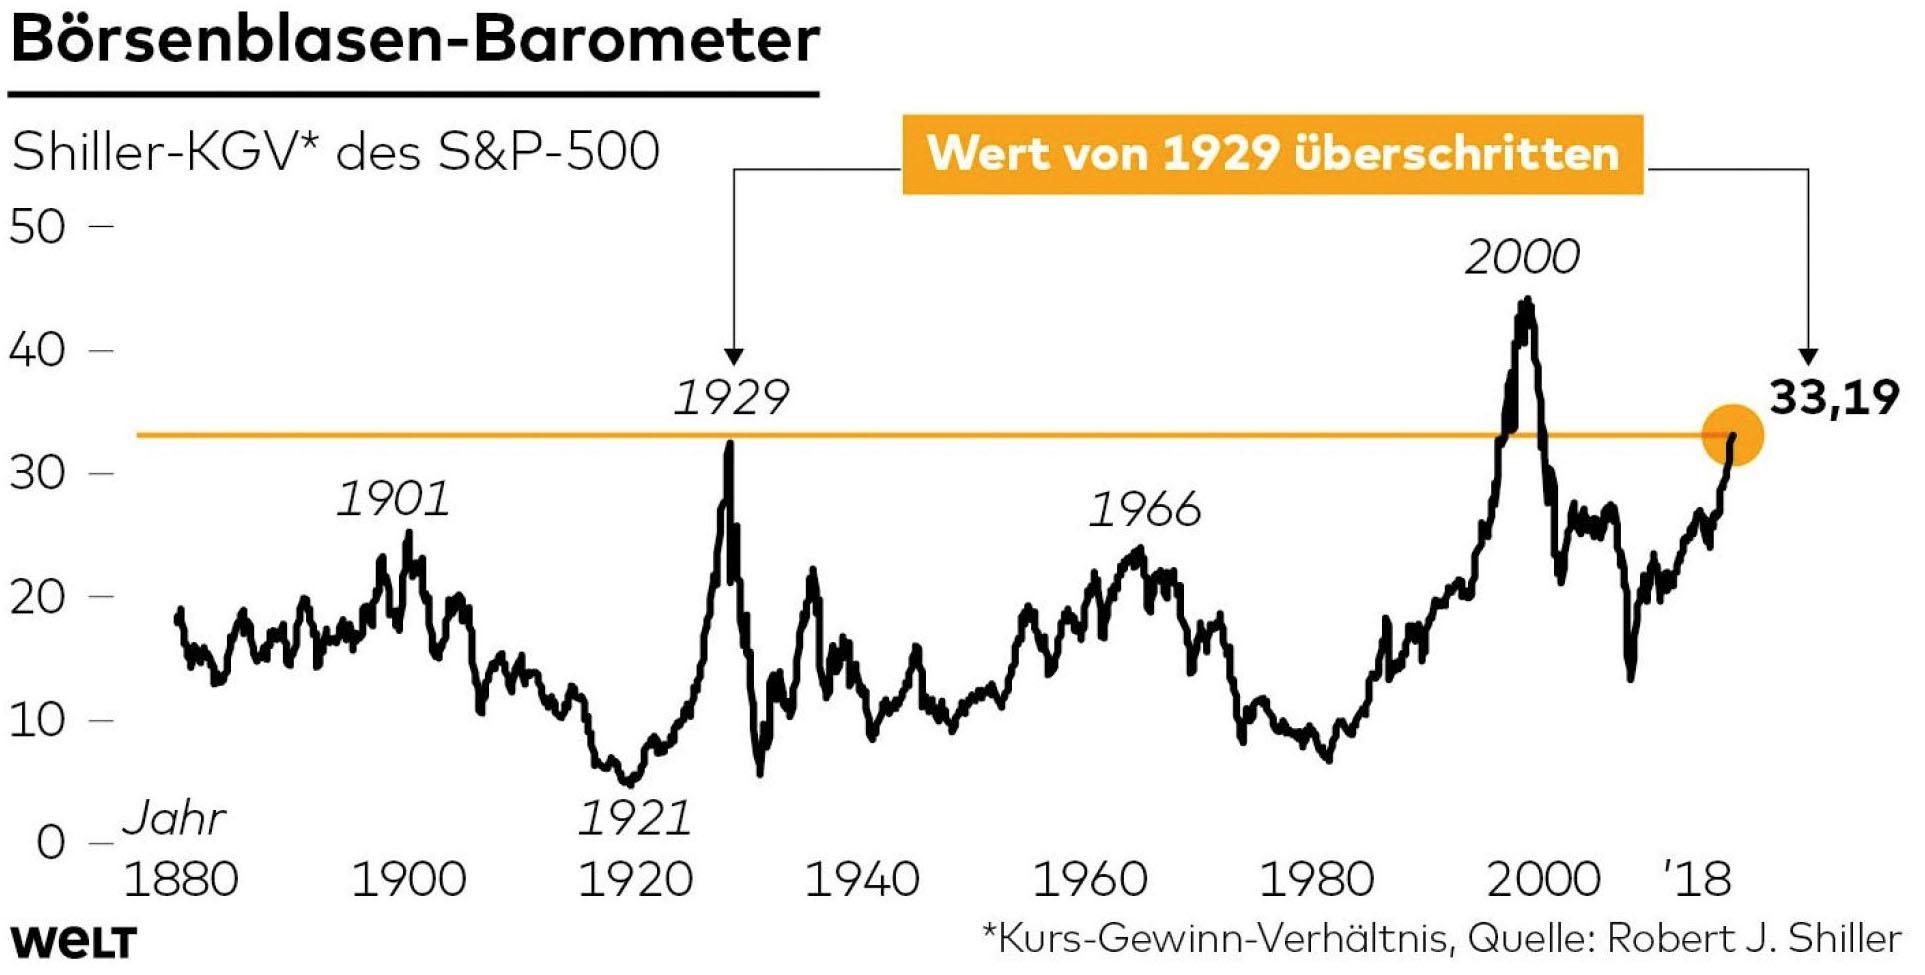 Bonds und Aktien so teuer wie niemals zuvor seit 1800